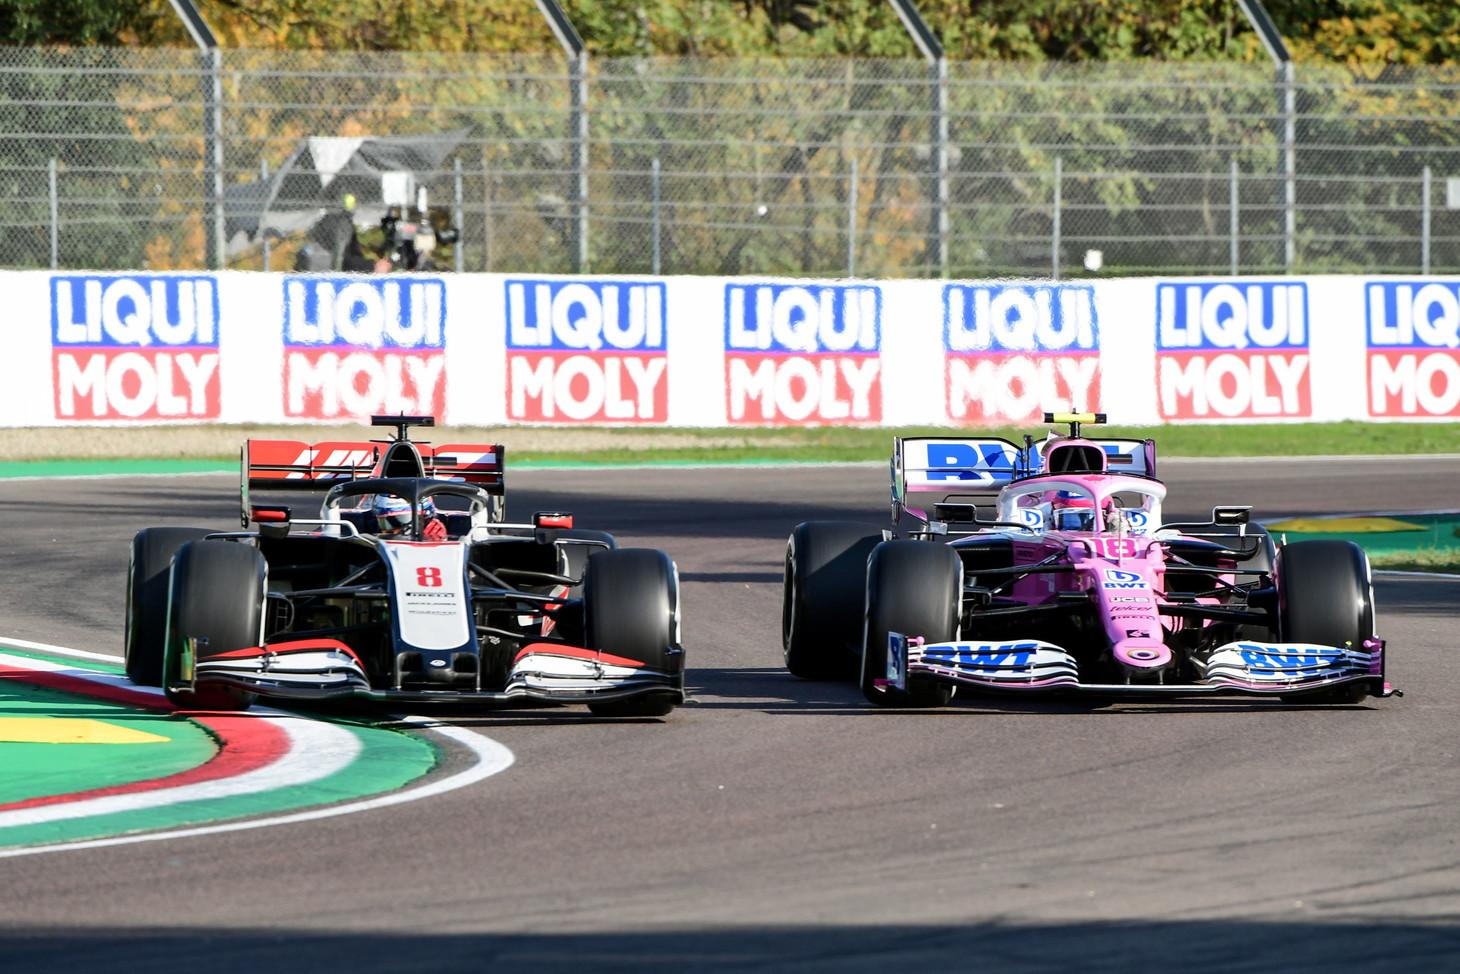 Il finlandese conquista la pole position del GP dell&#39;Emilia Romagna davanti a Hamilton e Verstappen<br /><br />